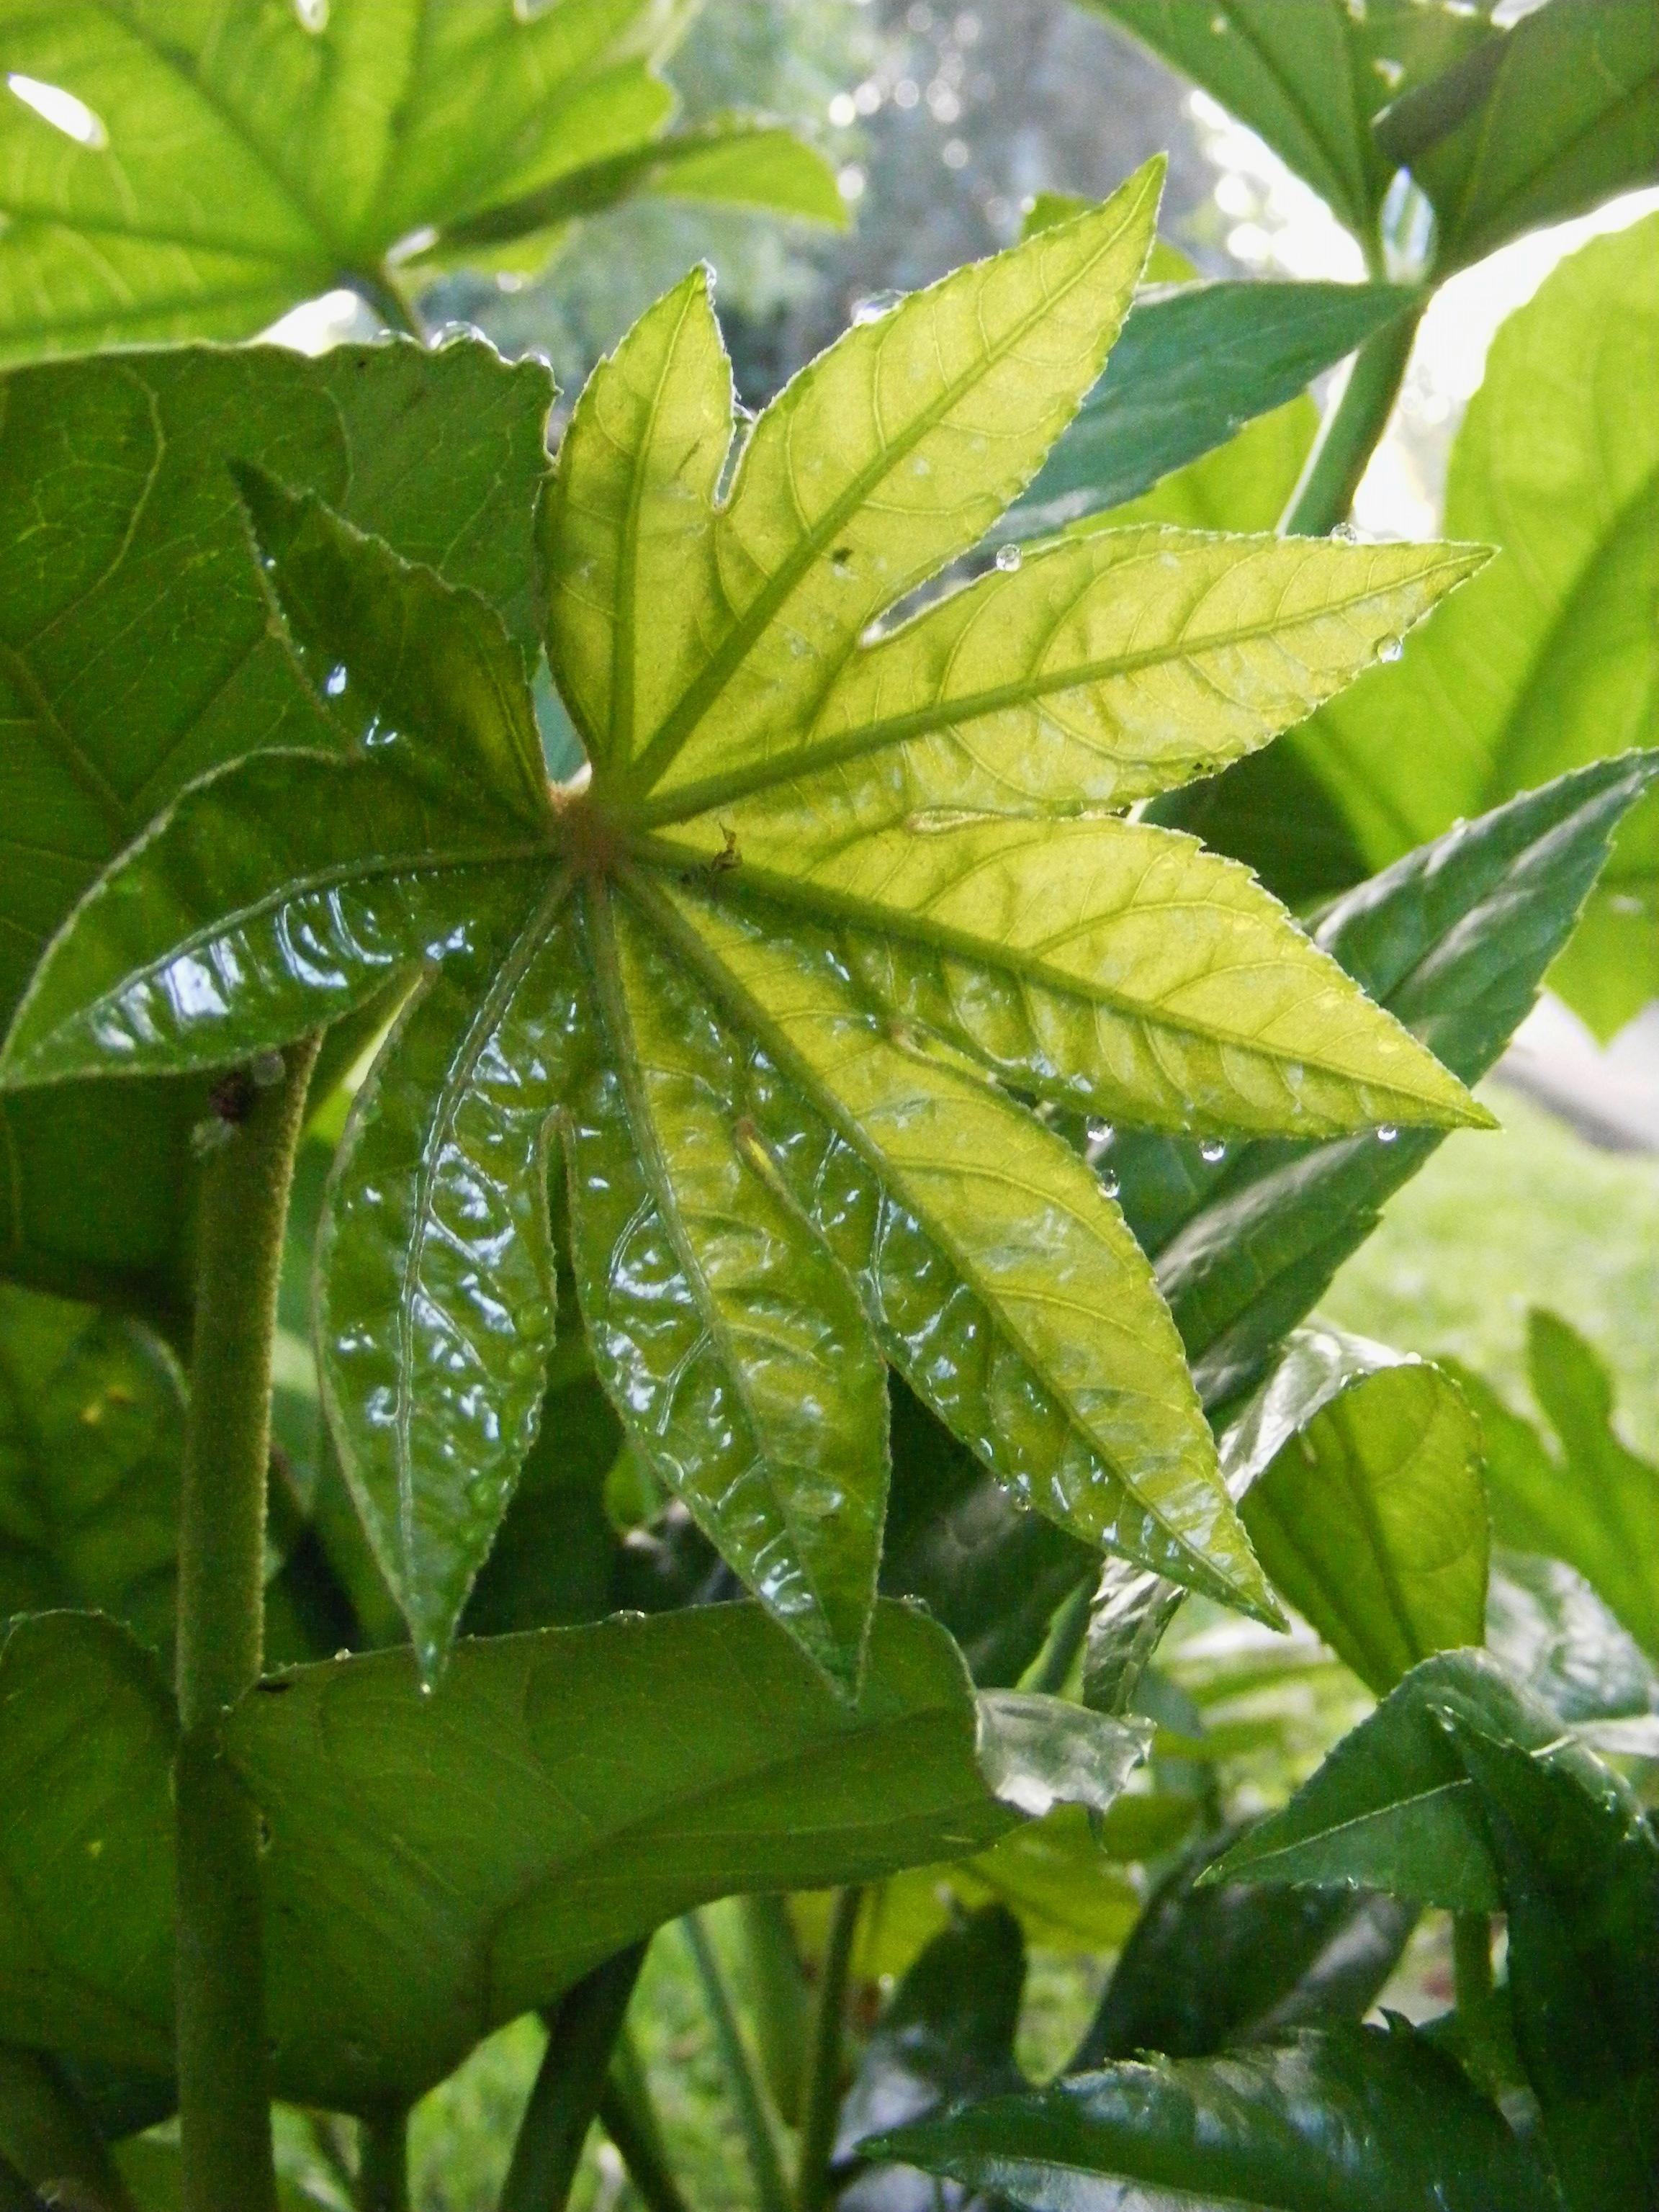 Fatsia leaf with dew